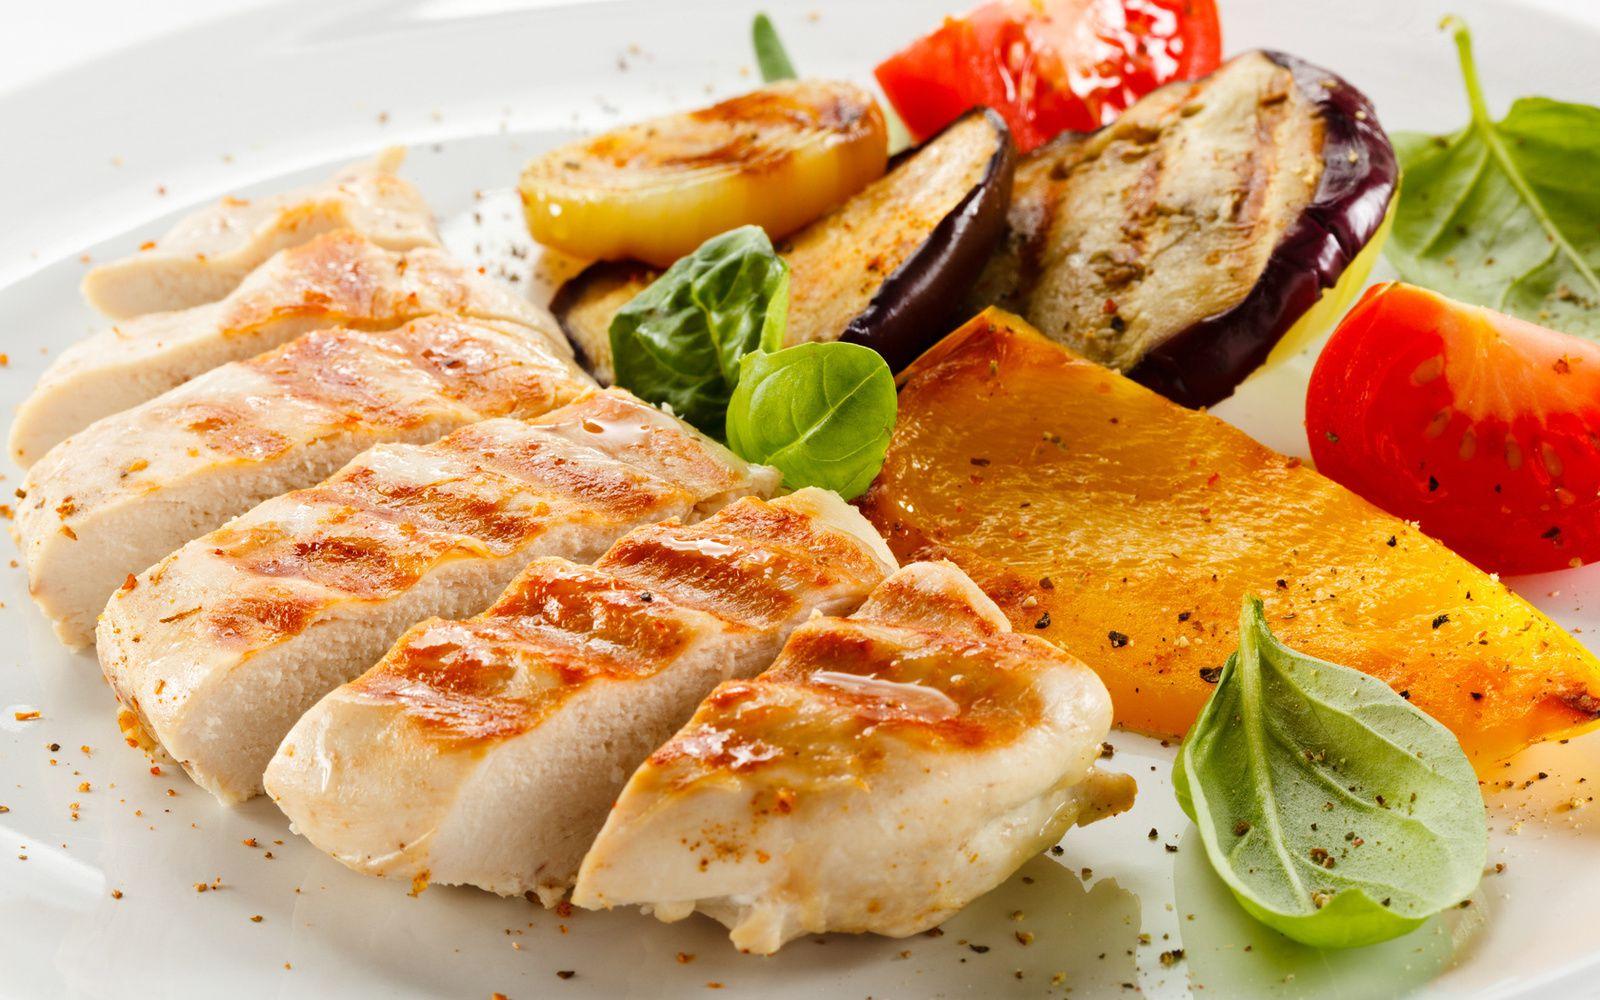 Poulet - Légumes - Assiette - Nourriture - Wallpaper - Free